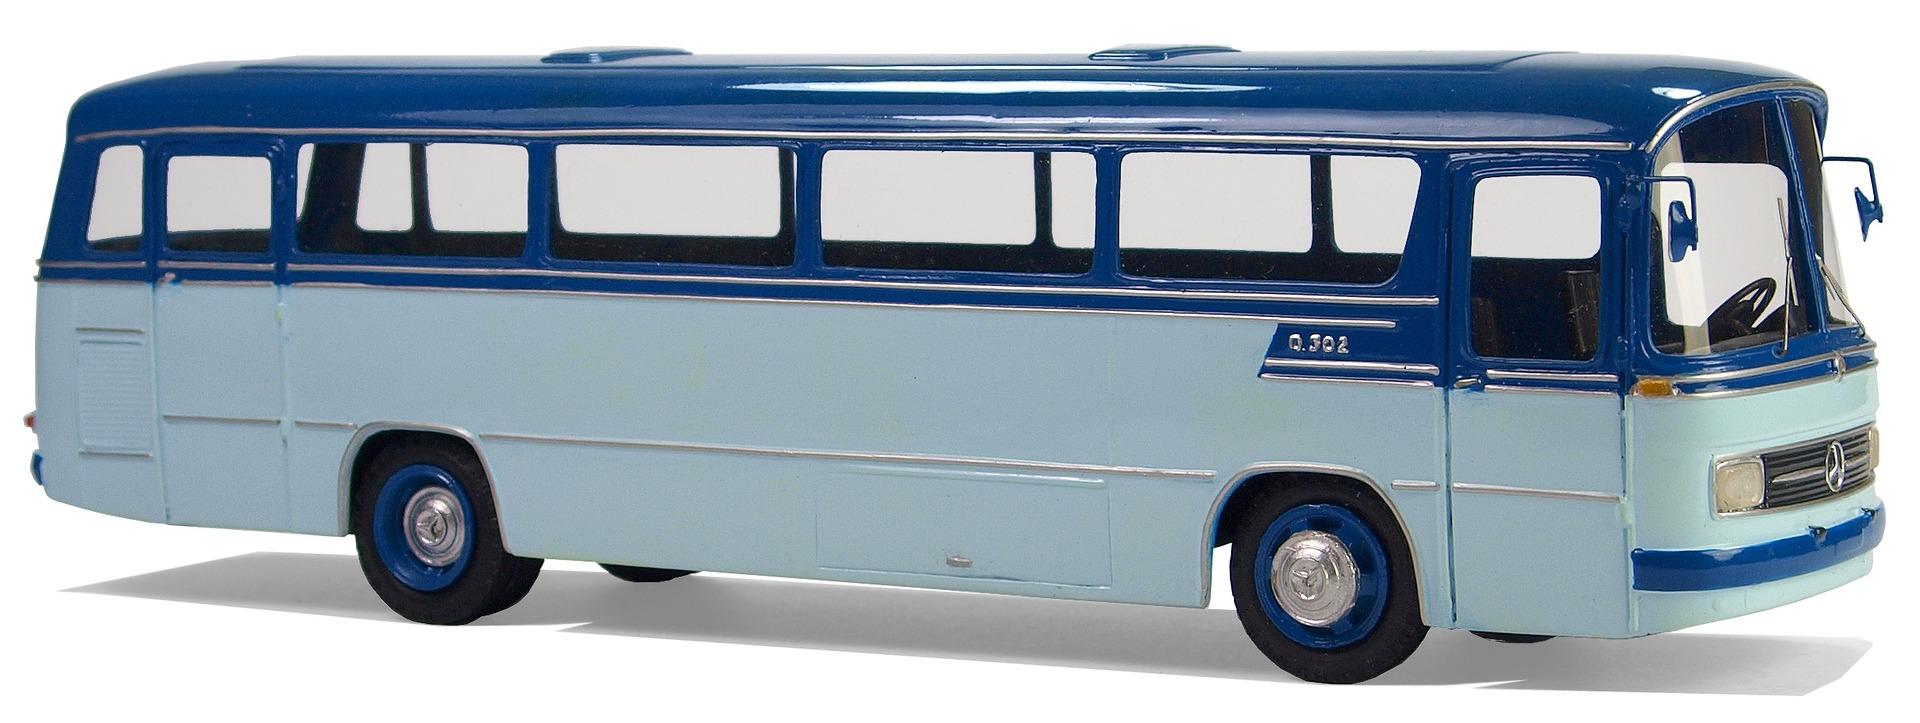 hrg bus1 - Bus & Reisegruppen